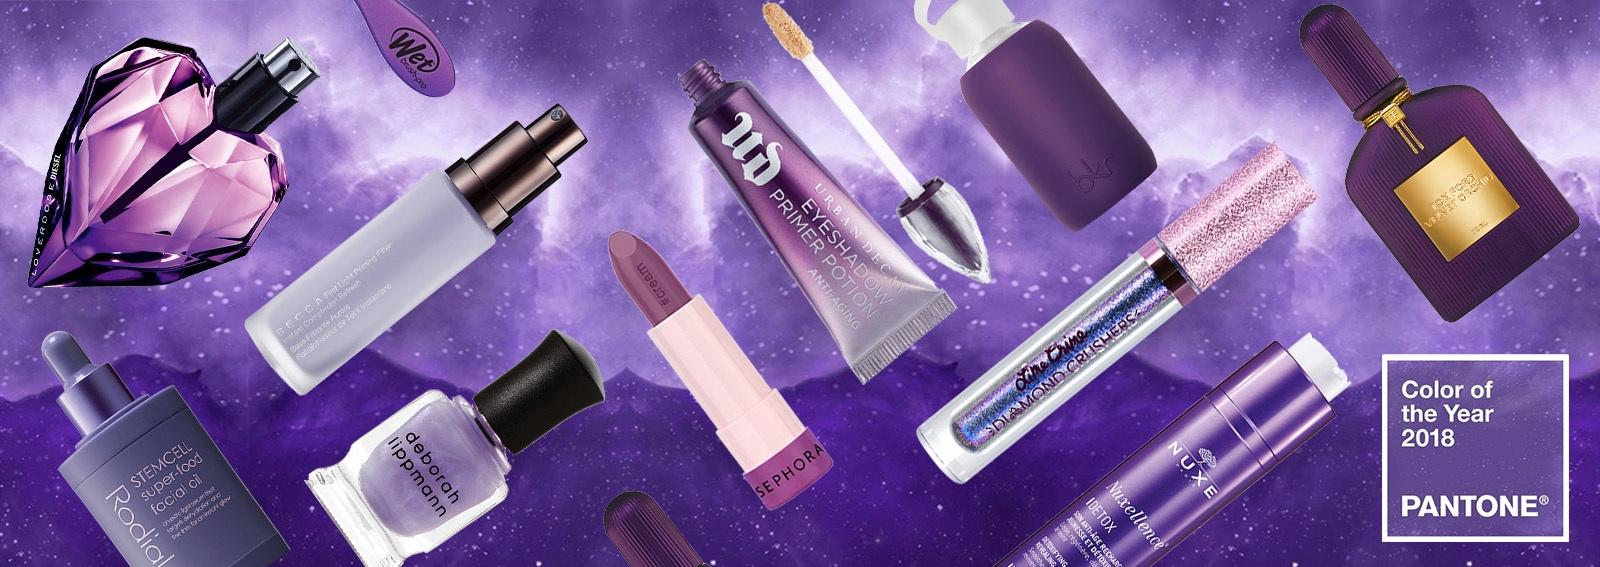 prodotti di bellezza ultra violet pantone viola 2018 collage_desktop